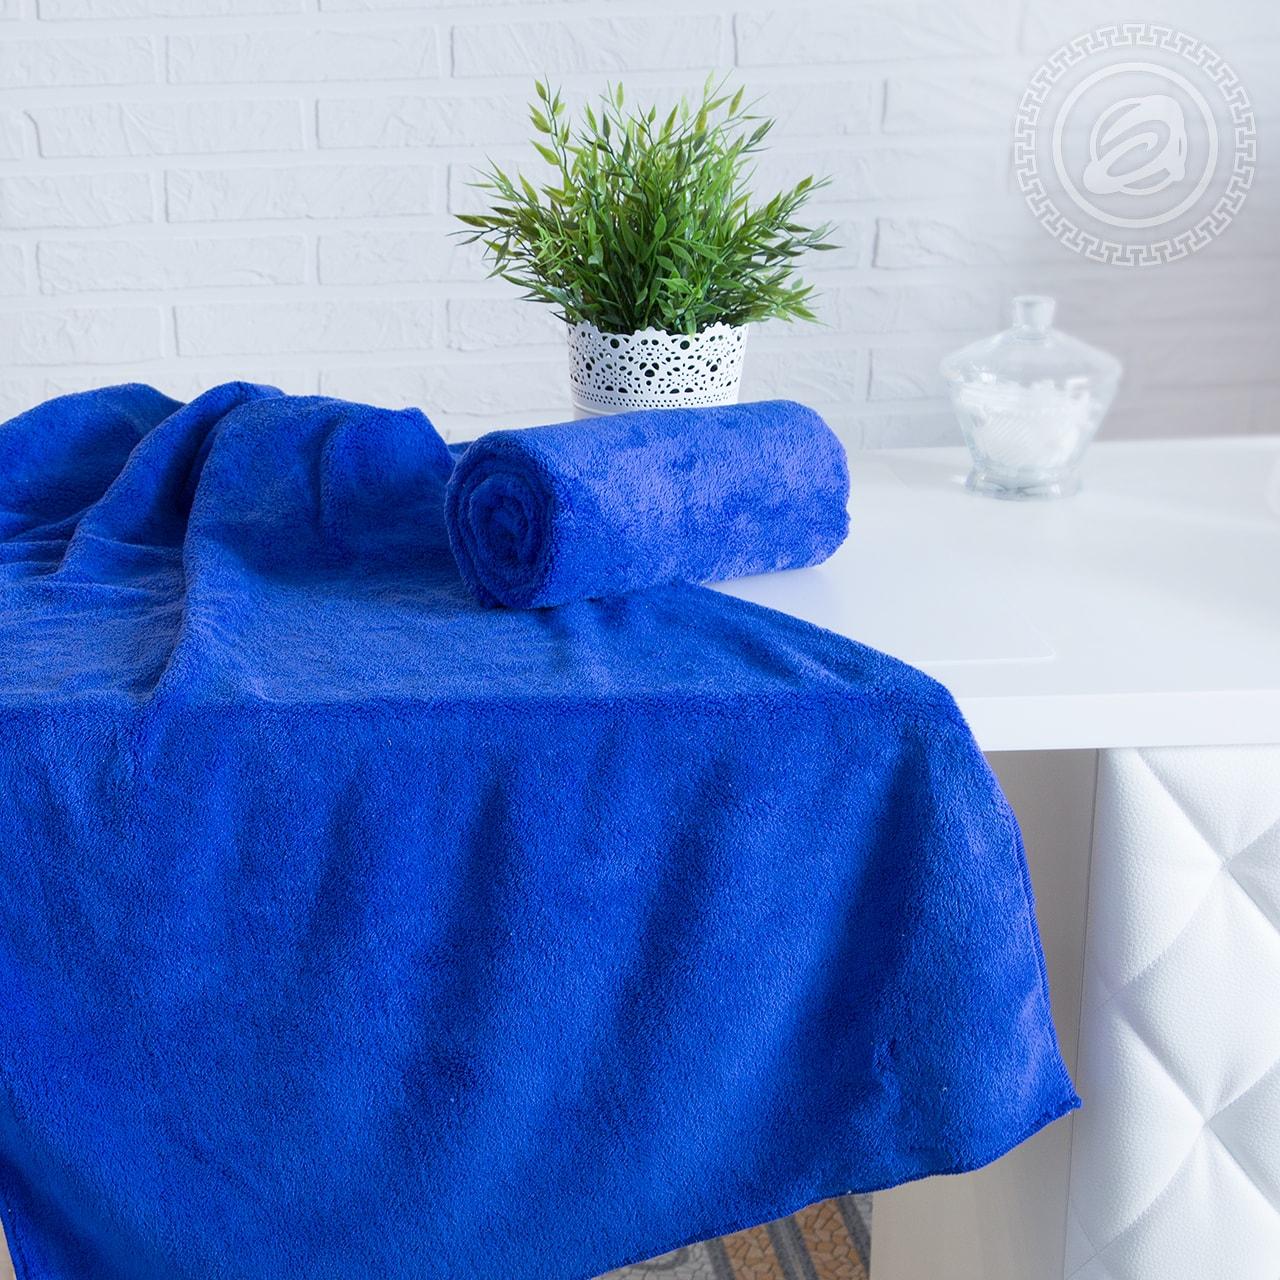 Полотенце банное Синий (50х90) полотенца philippus полотенце laura 50х90 см 6 шт